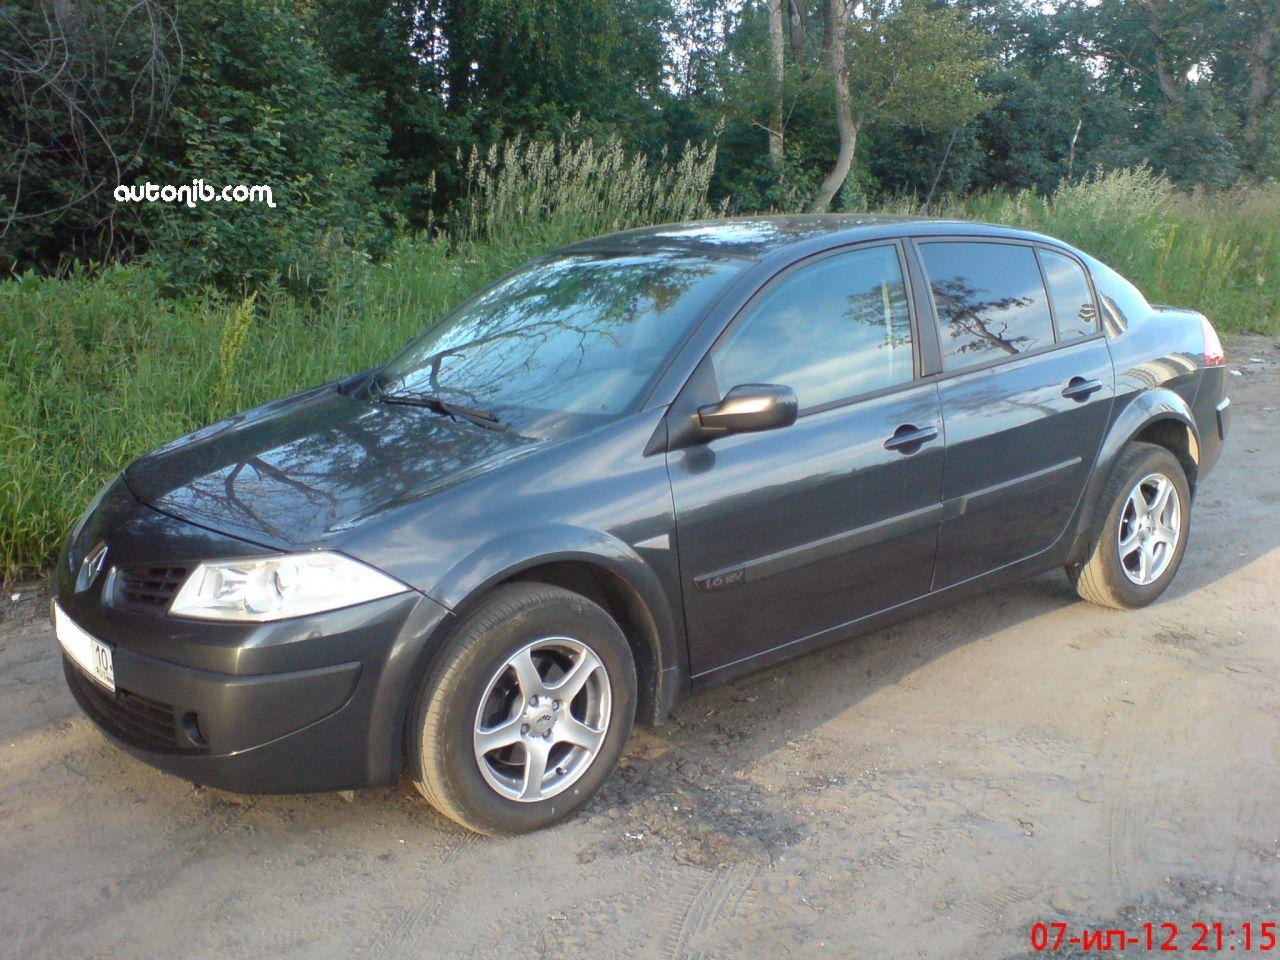 Купить Renault Megane 2006 года в городе Петрозаводск